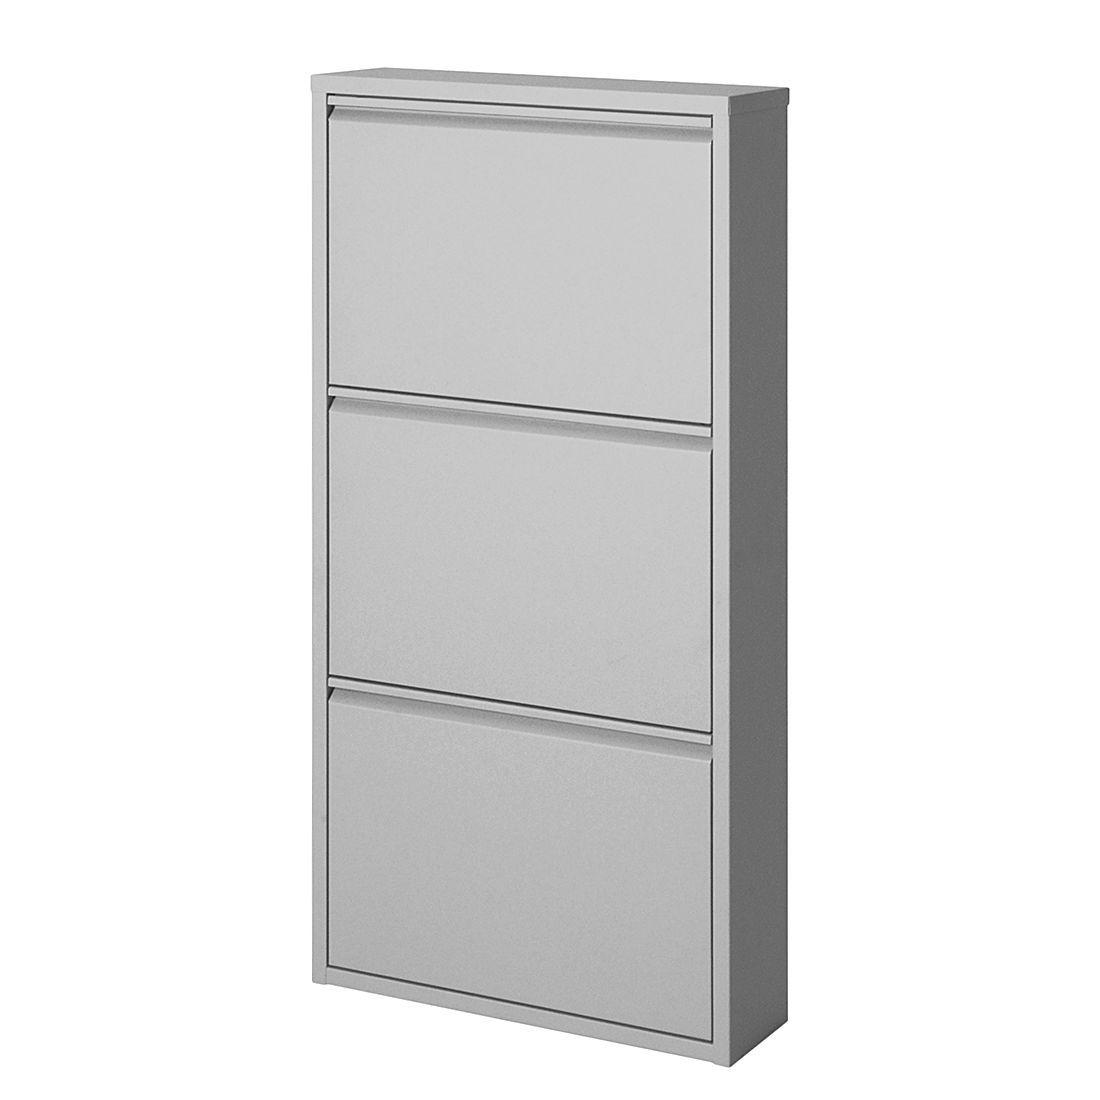 Schuhschrank Cabinet Mit Bildern Schrank Schuhschrank